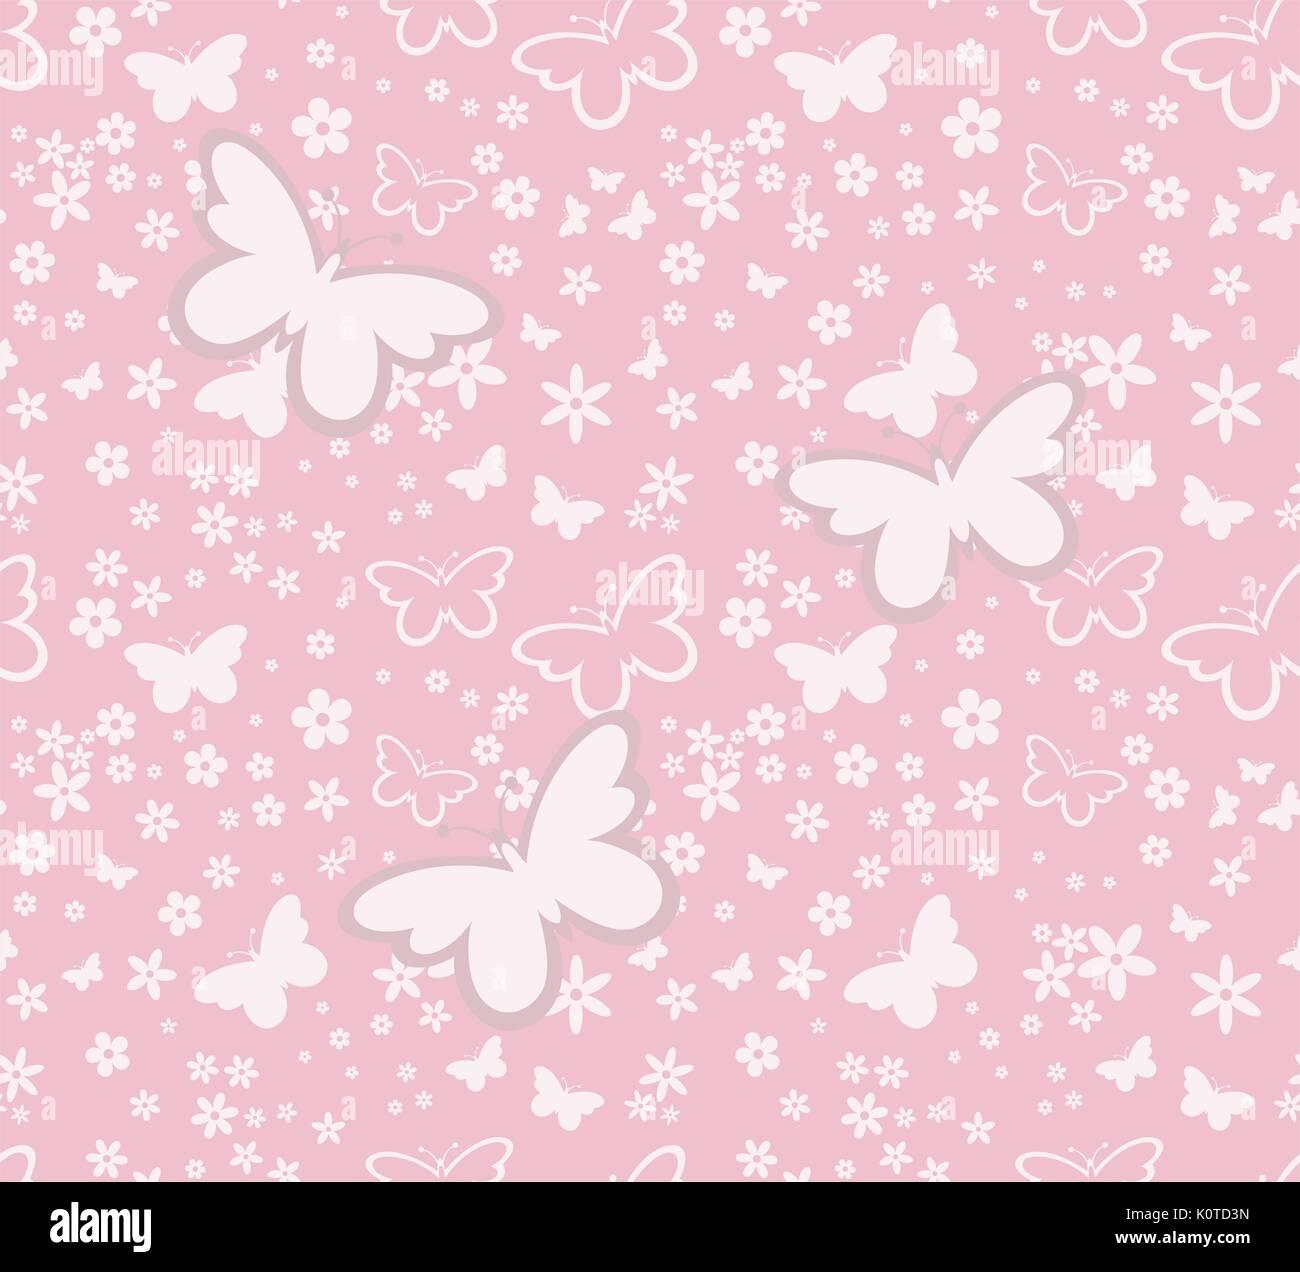 Farfalle Sagome Seamless Pattern Su Sfondo Rosa In Formato